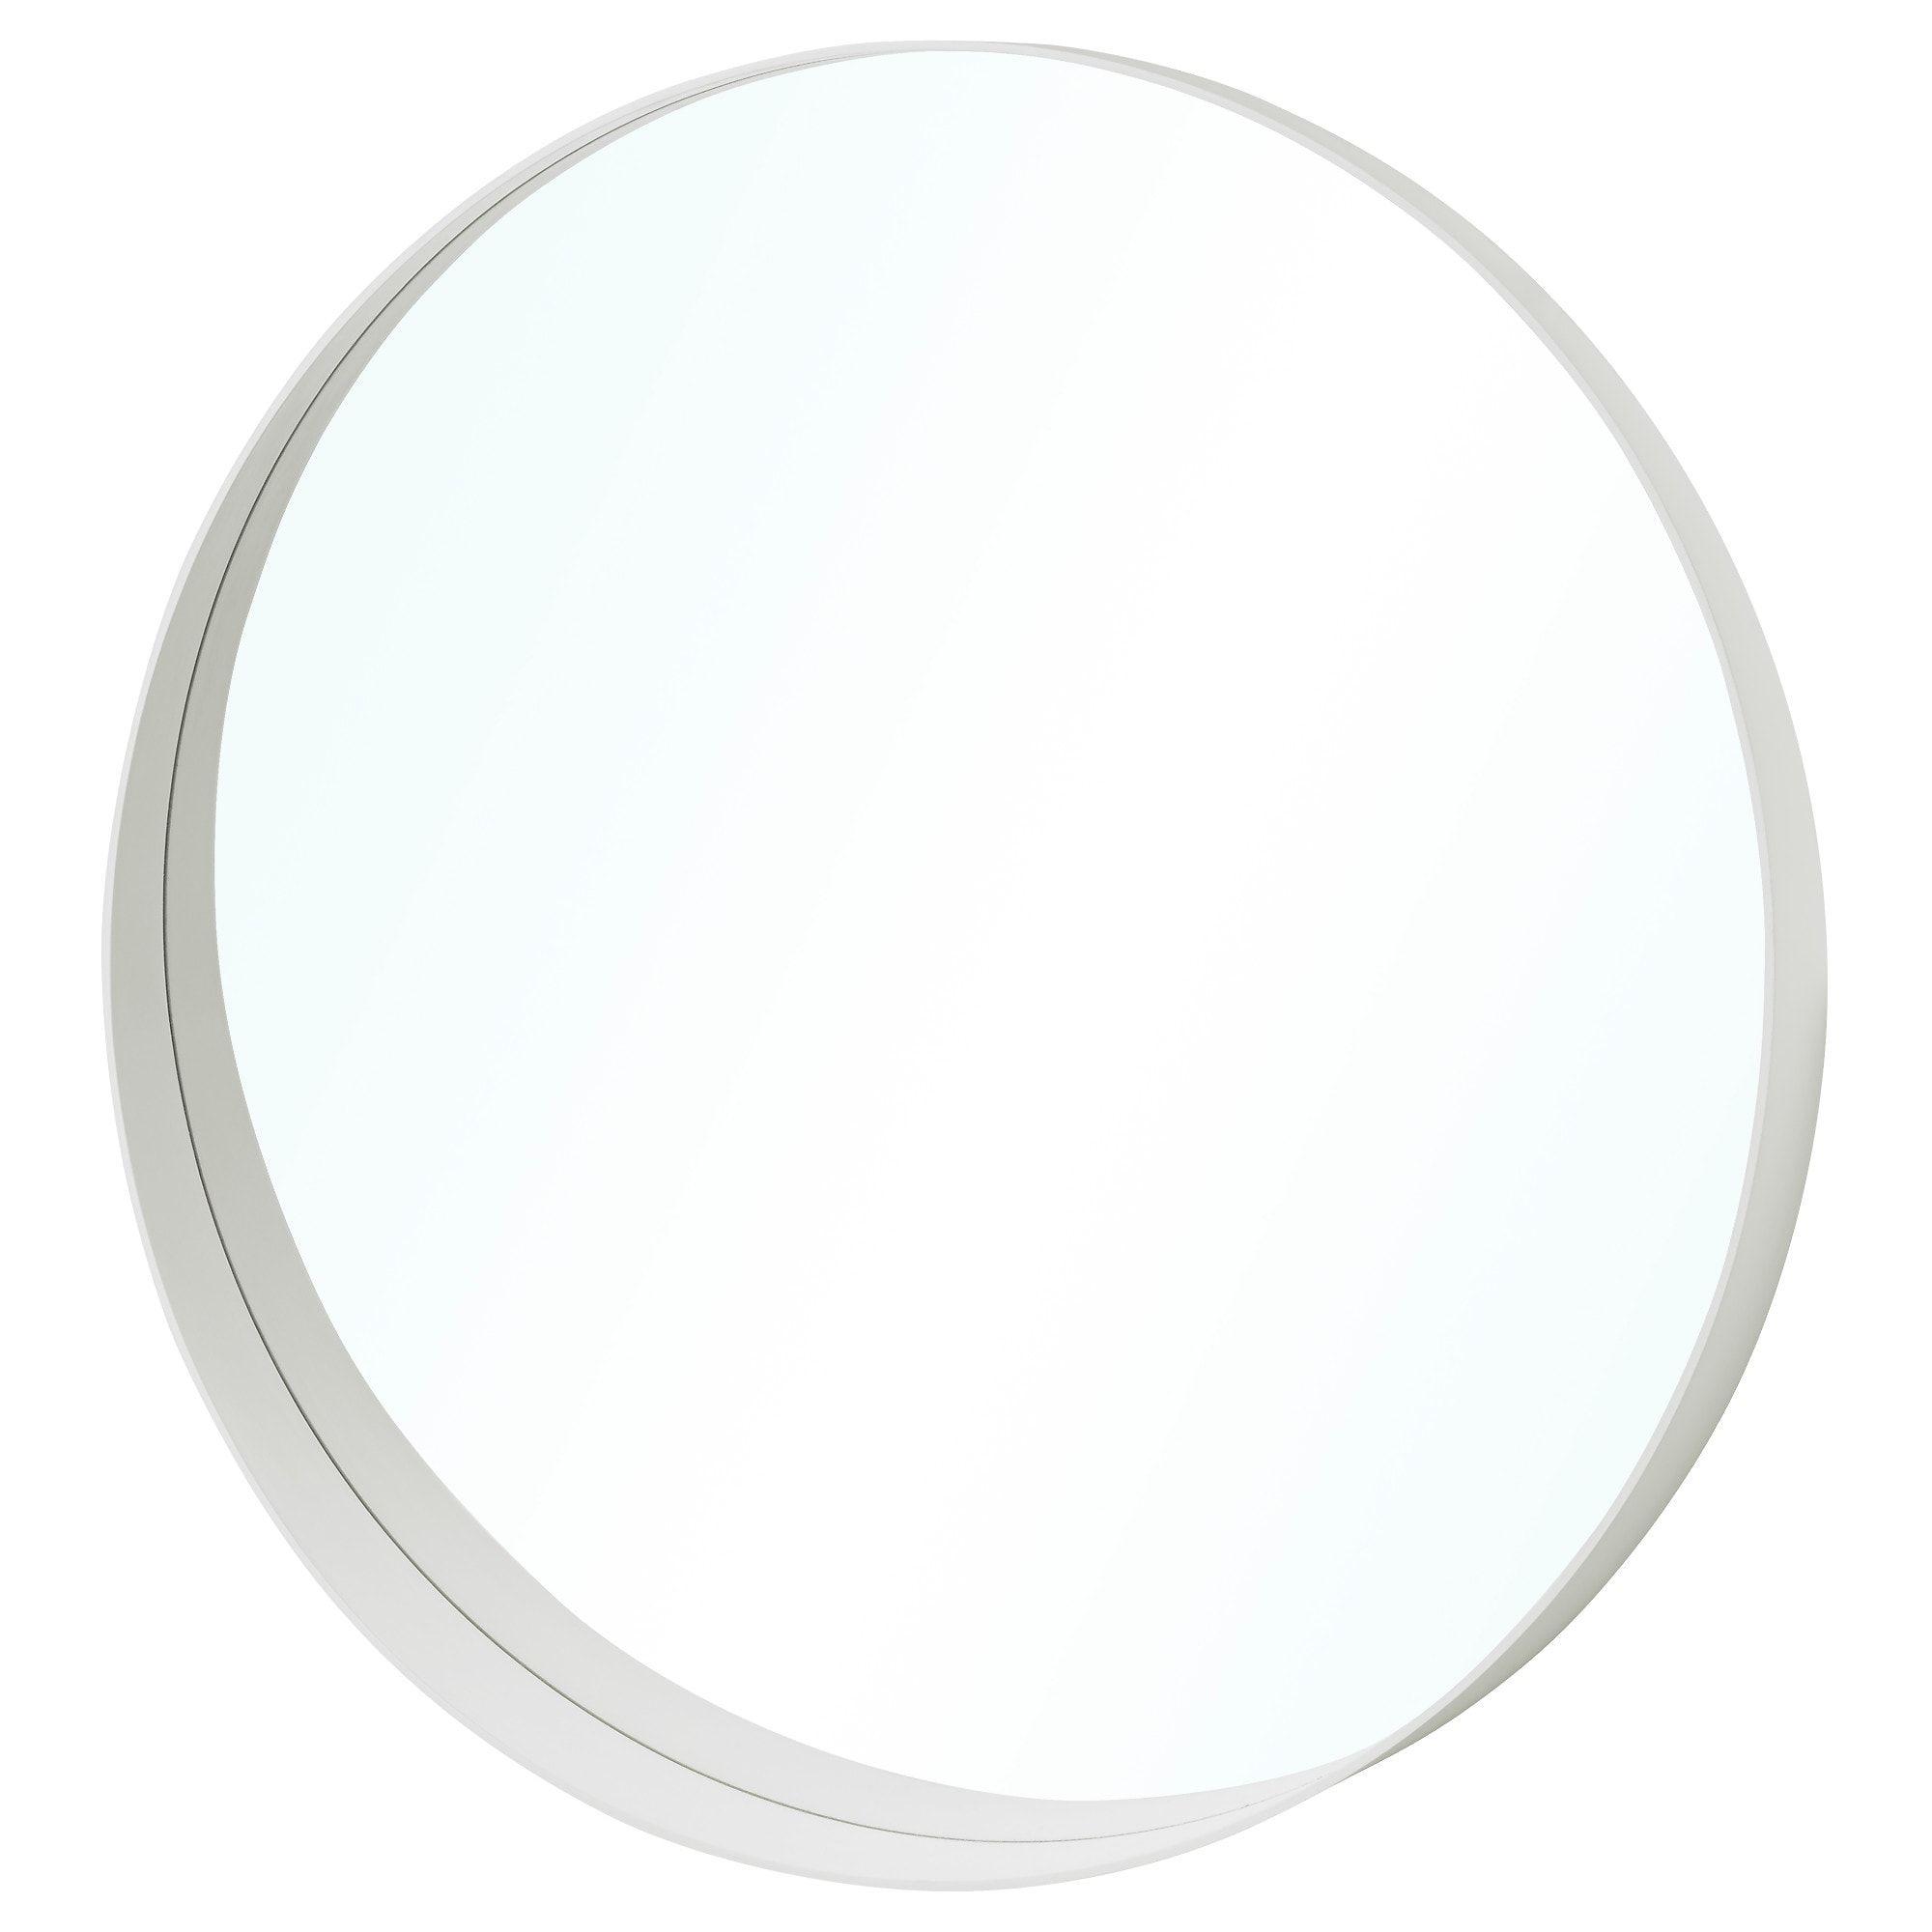 Rotsund Mirror White 31 1 2 Mirror Round White Mirror White Mirror